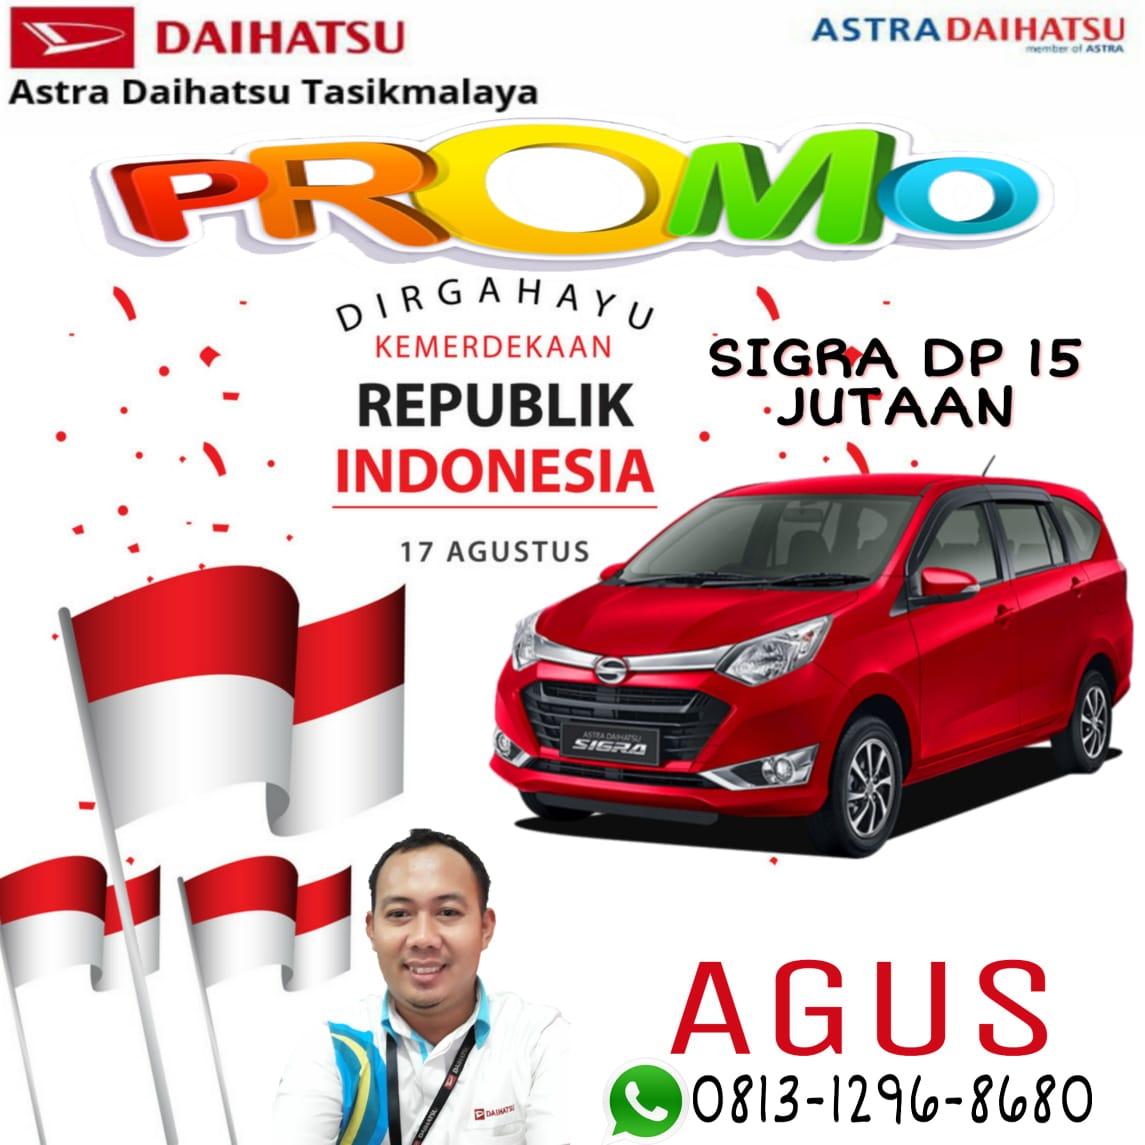 Promo 1 By Cep Agus